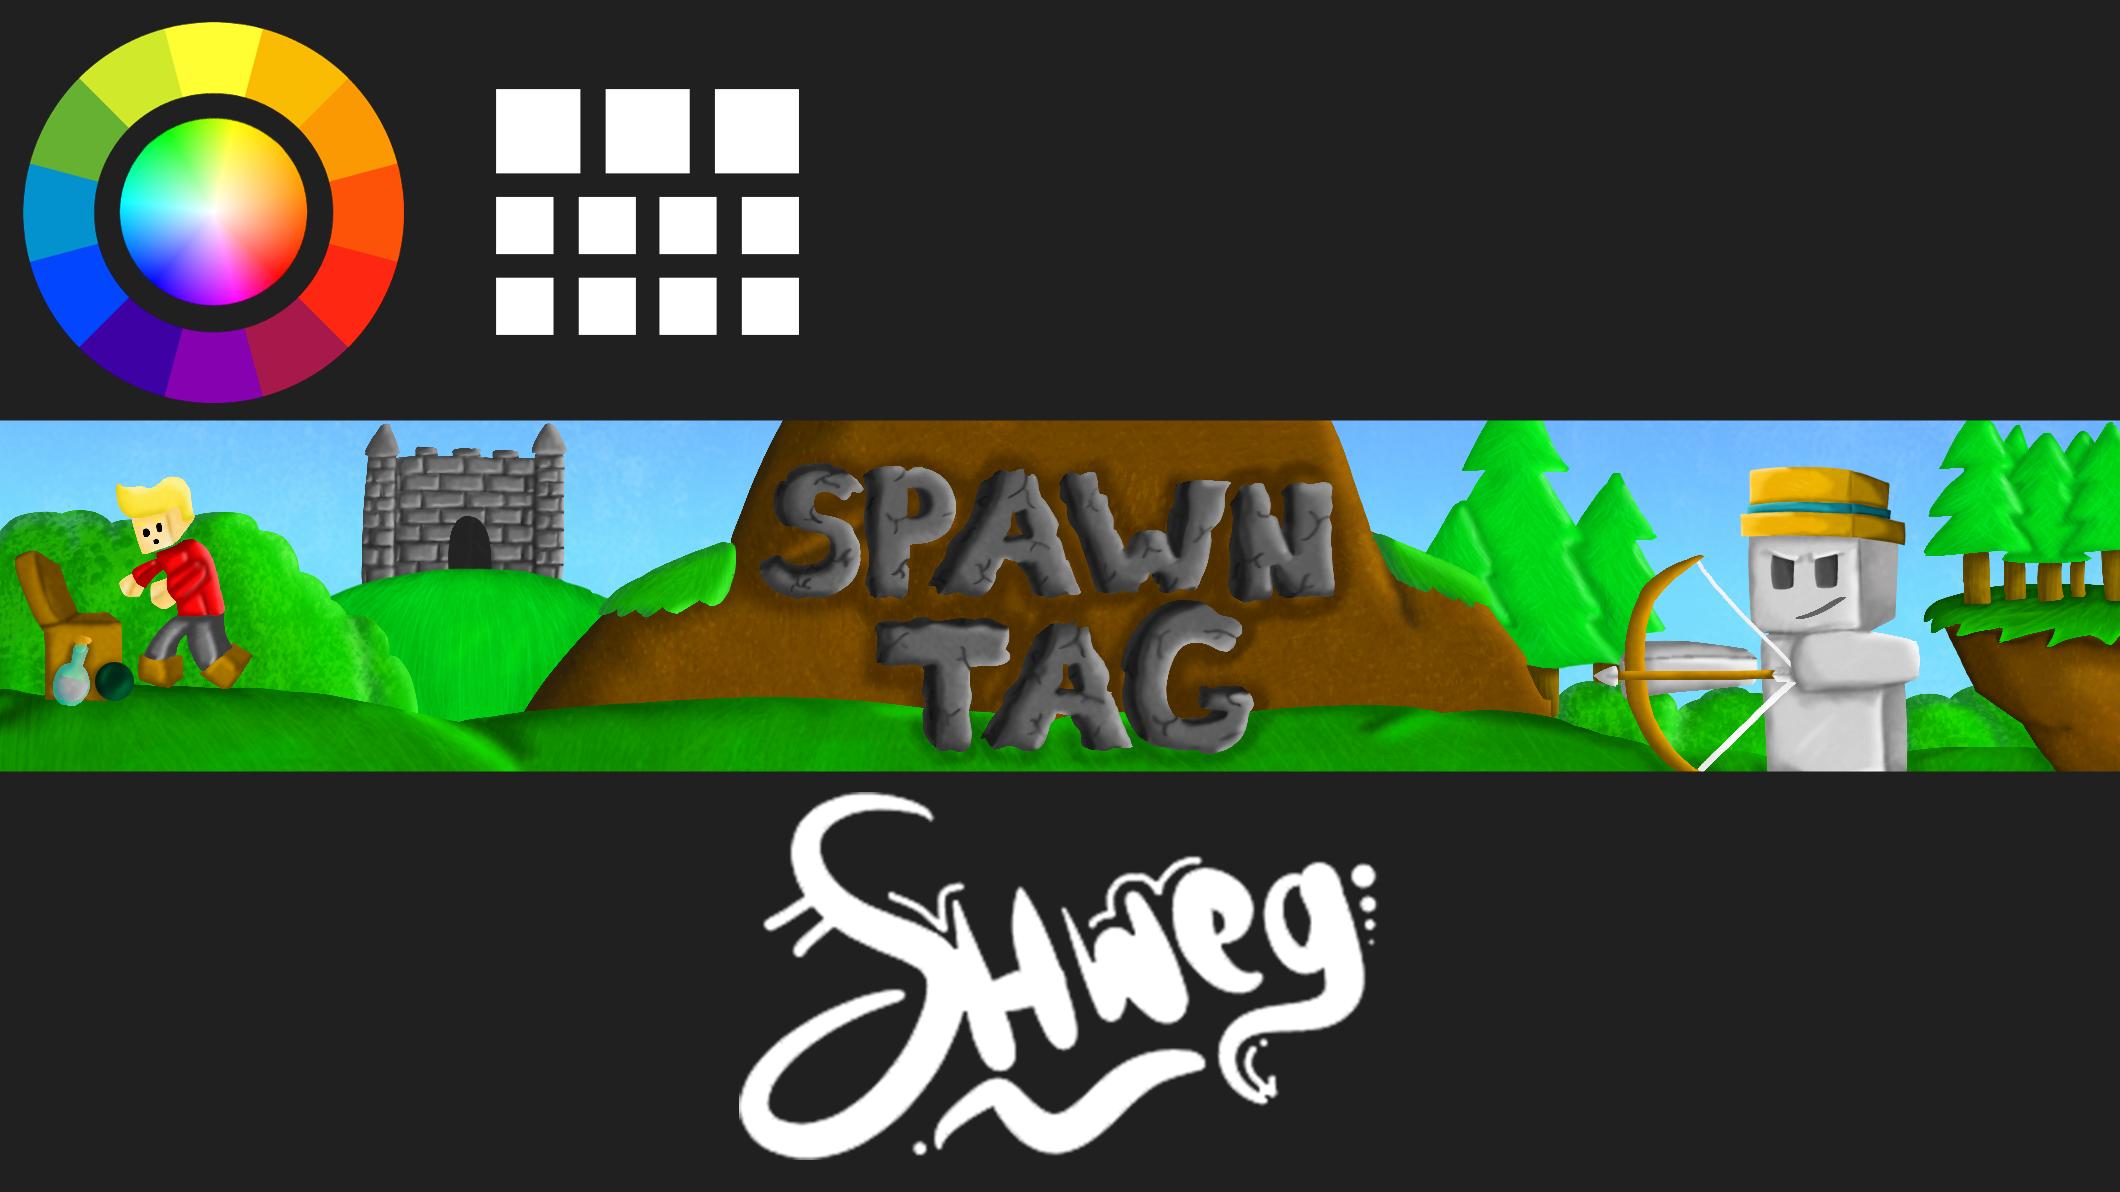 Spawn Tag